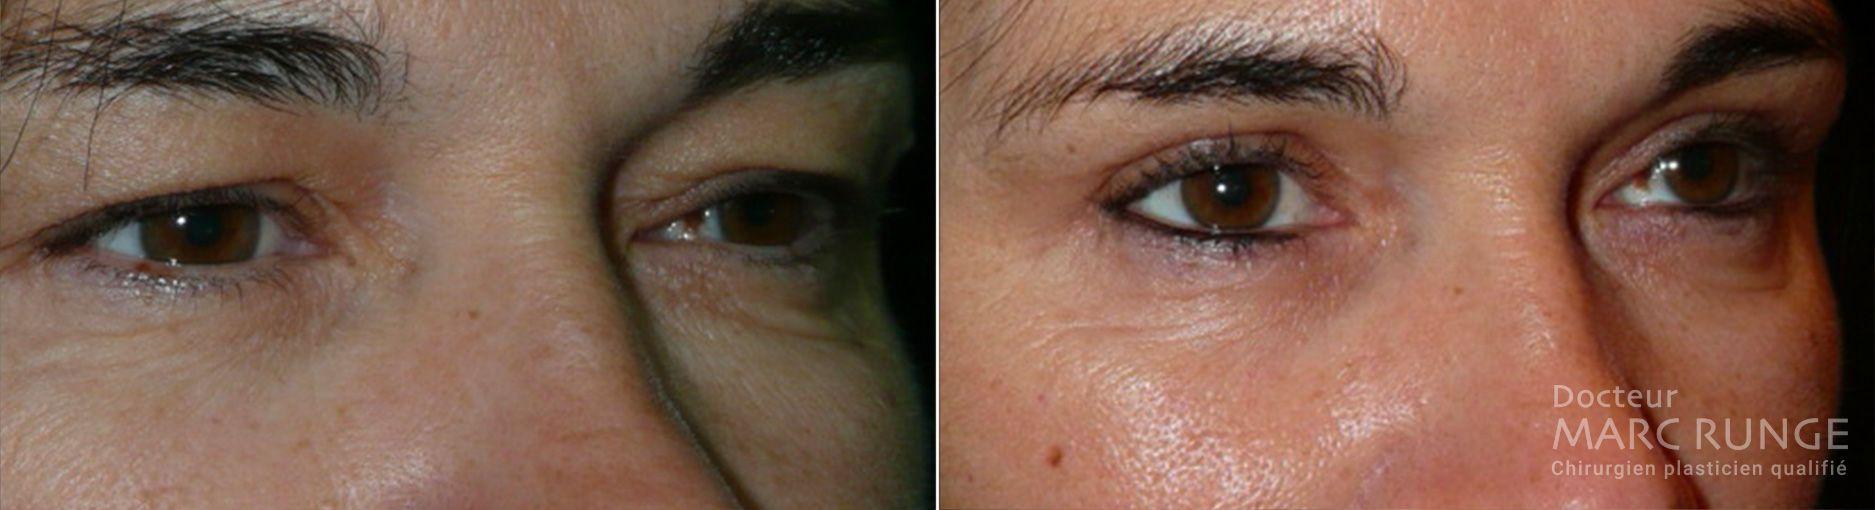 Photo d'avant et d'après la blépharoplastie réalisée par Dr Runge, médecin et chirurgien esthétique à Paris et Beauvais (Oise)